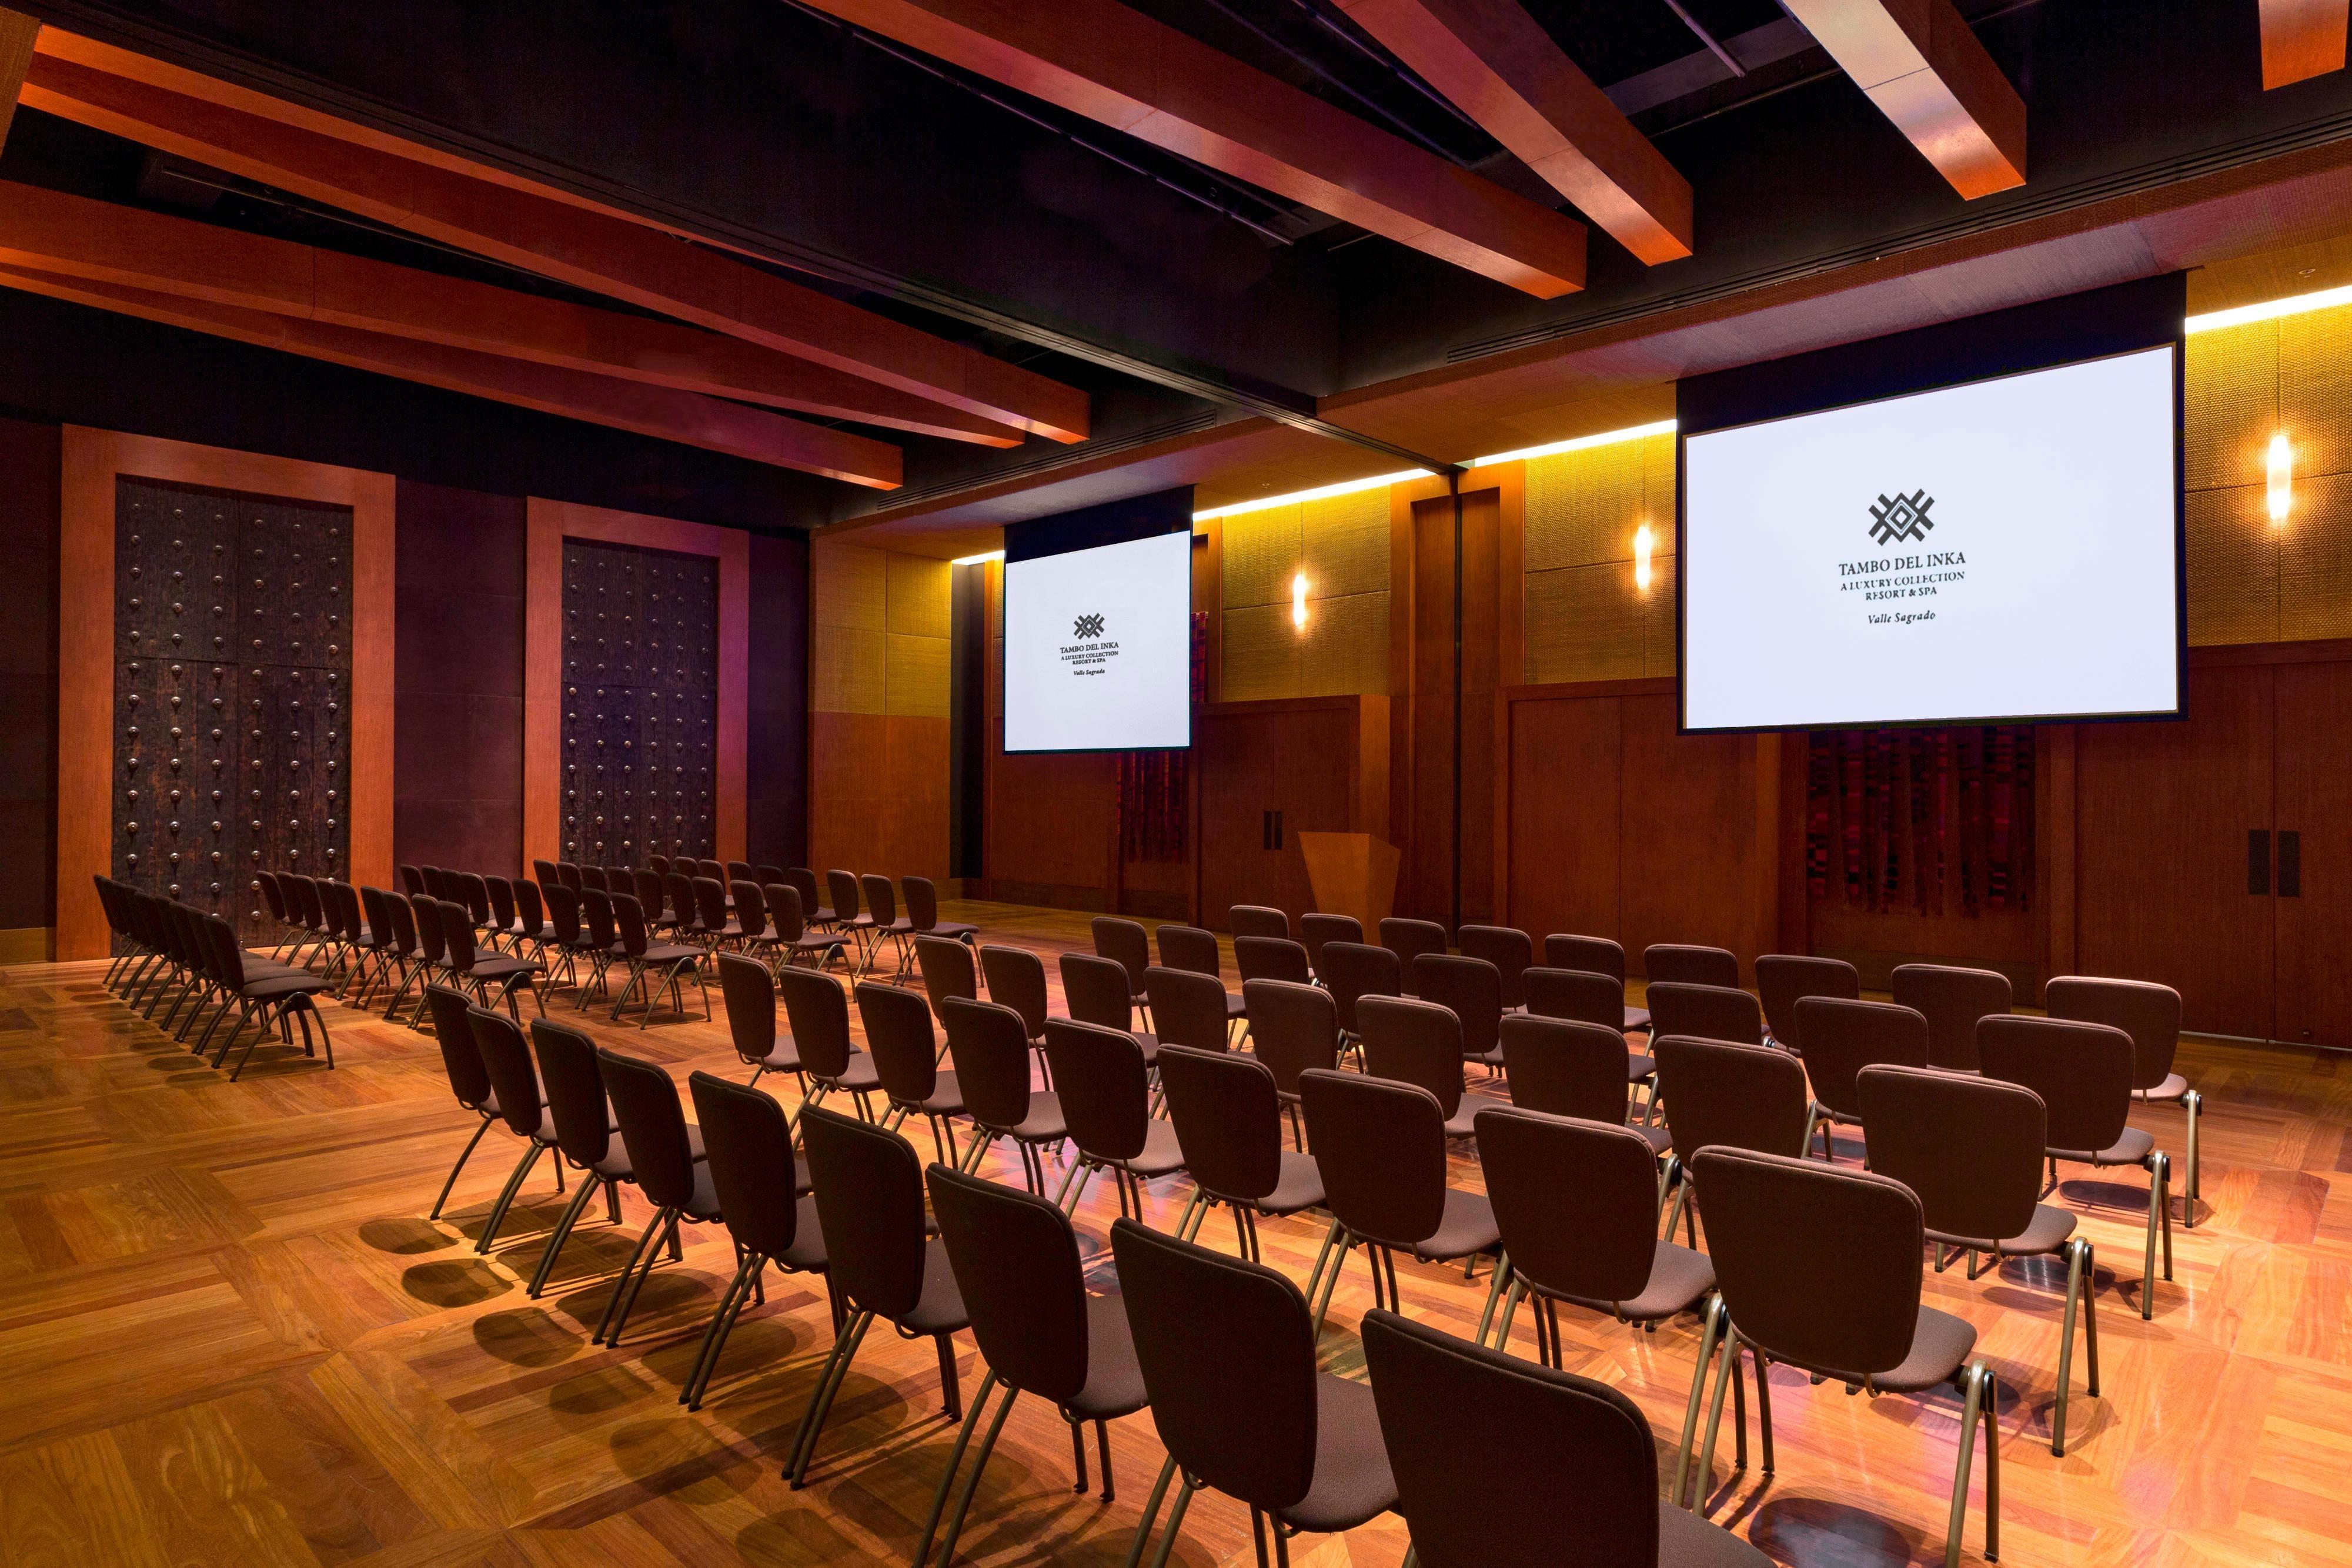 Ccori Ballroom - Auditorium